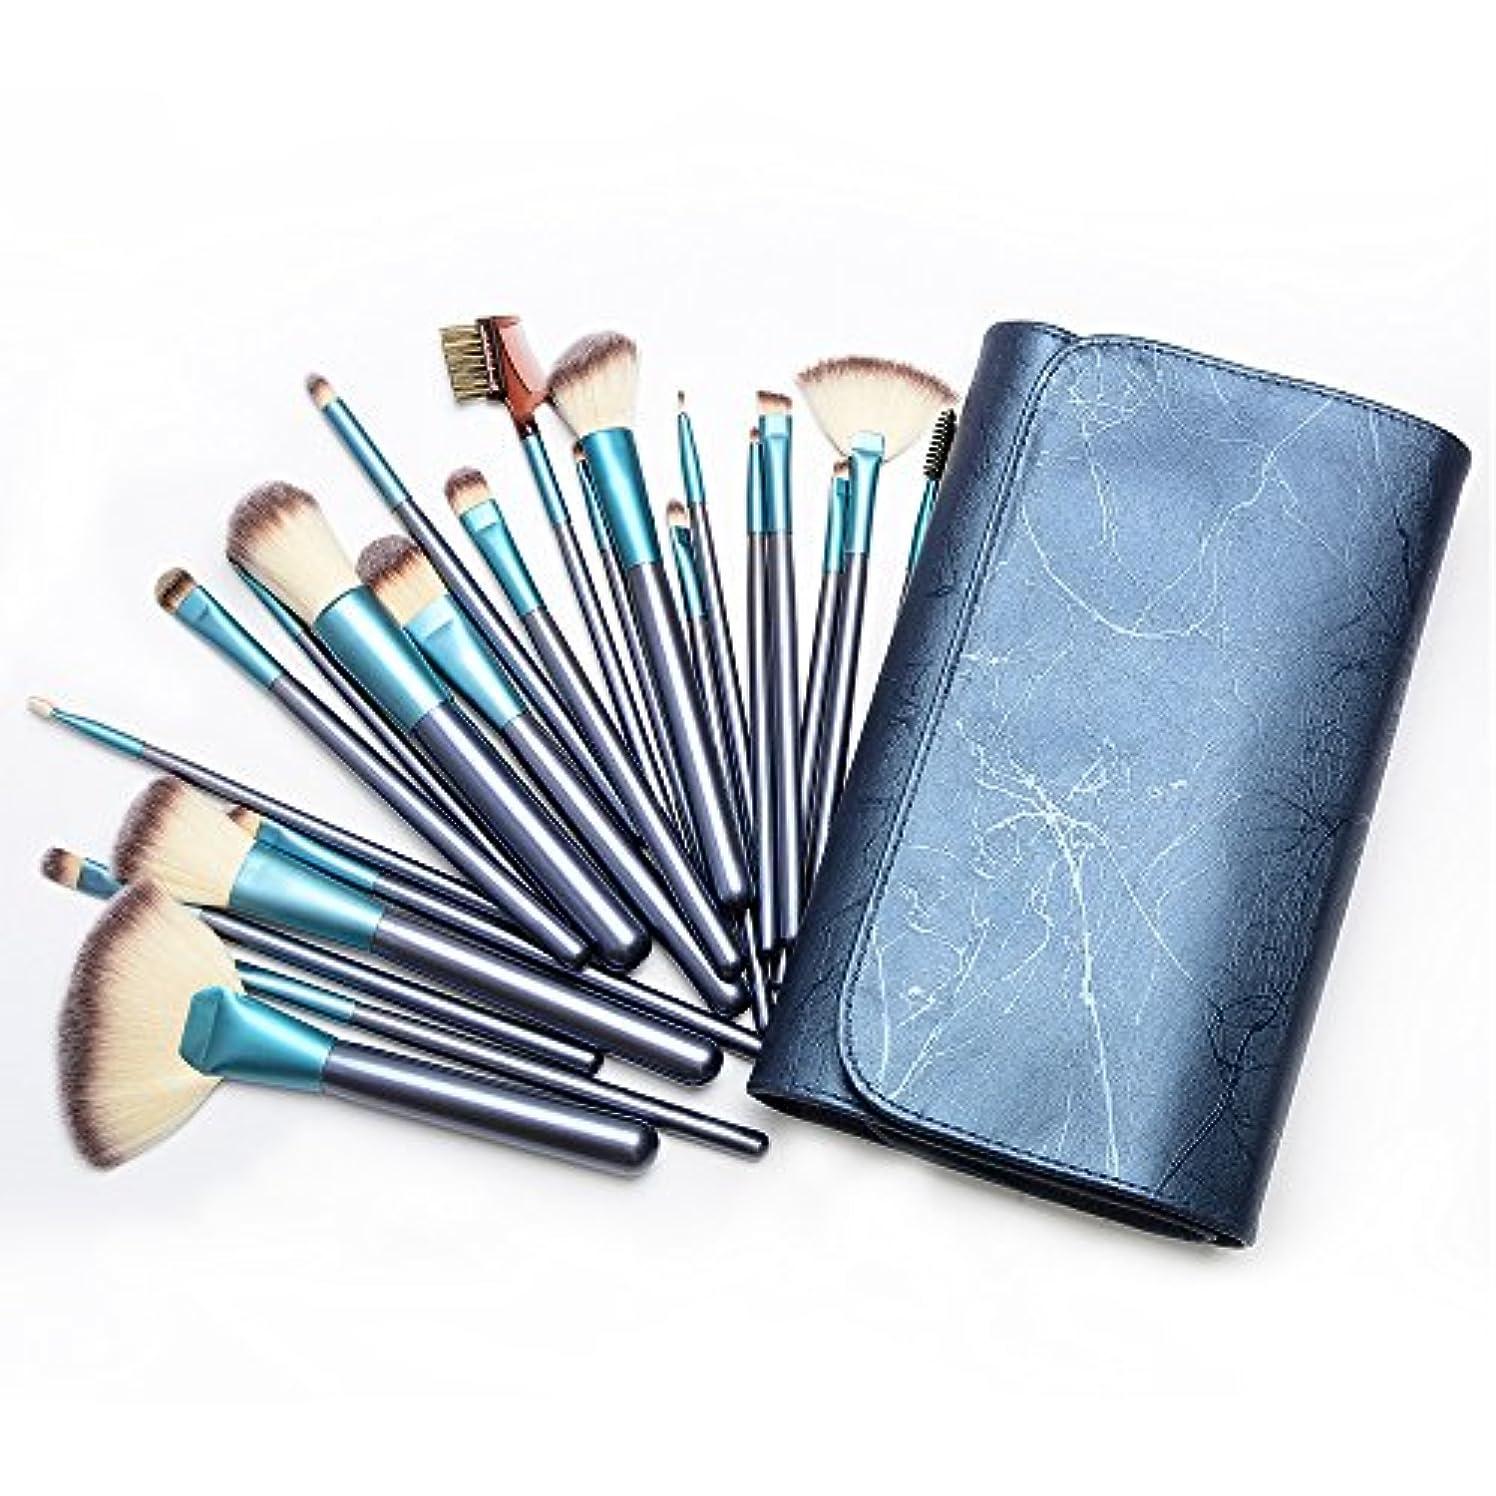 ジュラシックパーク欲望要旨メイクブラシ 化粧筆 22本セット 高級繊維毛 高級木材柄 アルミニウム管 化粧ポーチ付き (ブルー)